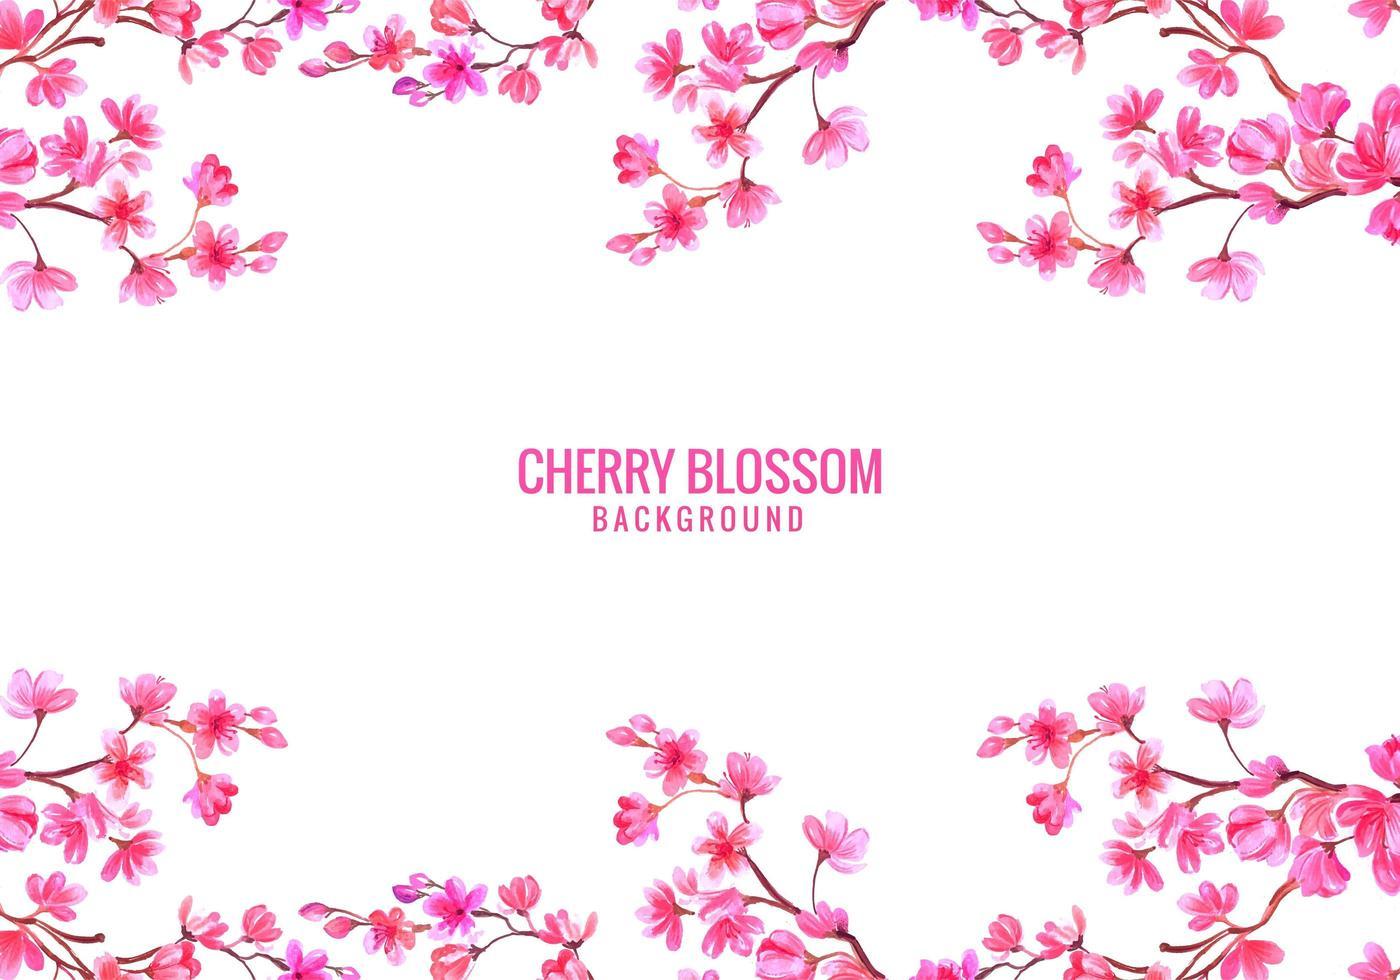 sfondo rosa fiori di ciliegio vettore